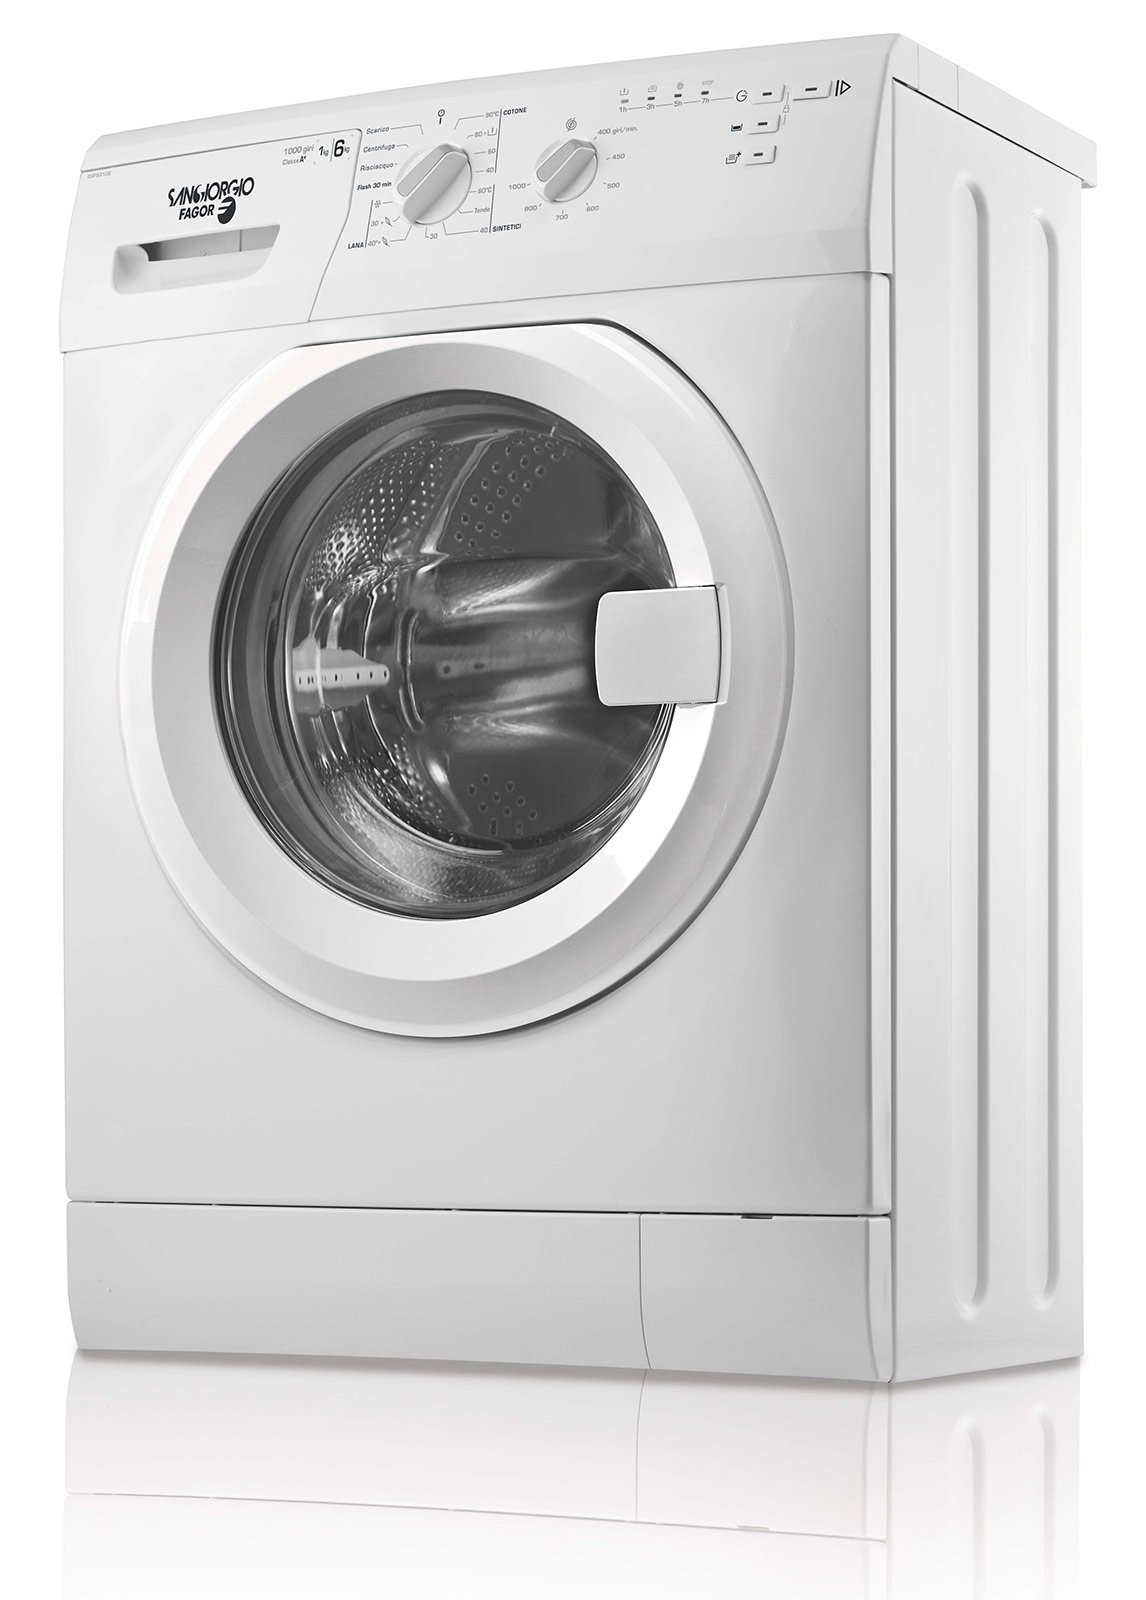 mobili lavelli lavatrici larghezza 50 cm profondita 40 cm